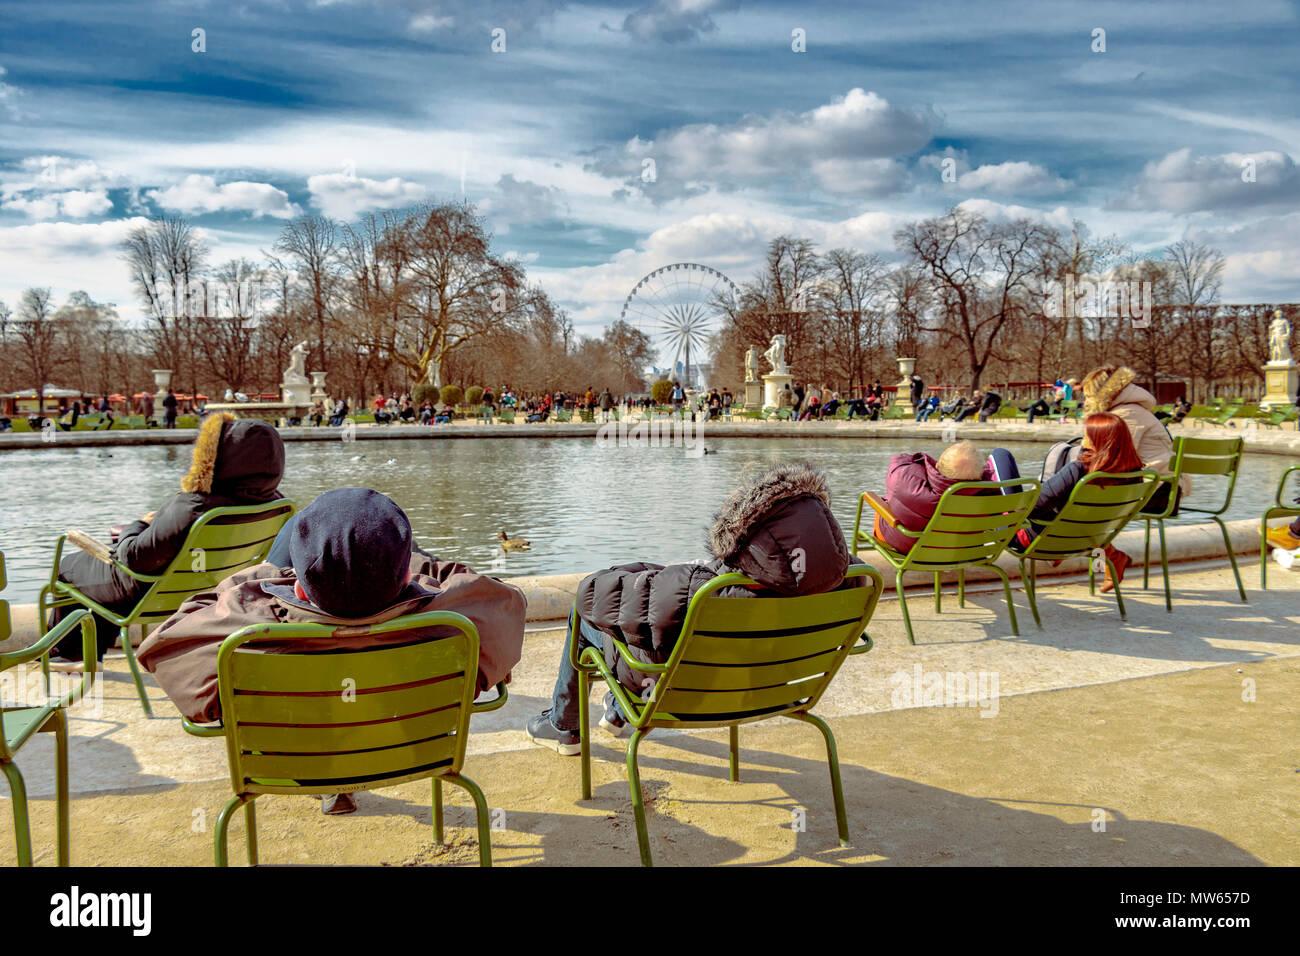 Des gens assis dans des chaises de détente dans le soleil d'hiver autour du Grand Bassin rond dans le Jardin des Tuileries, Paris, France Photo Stock